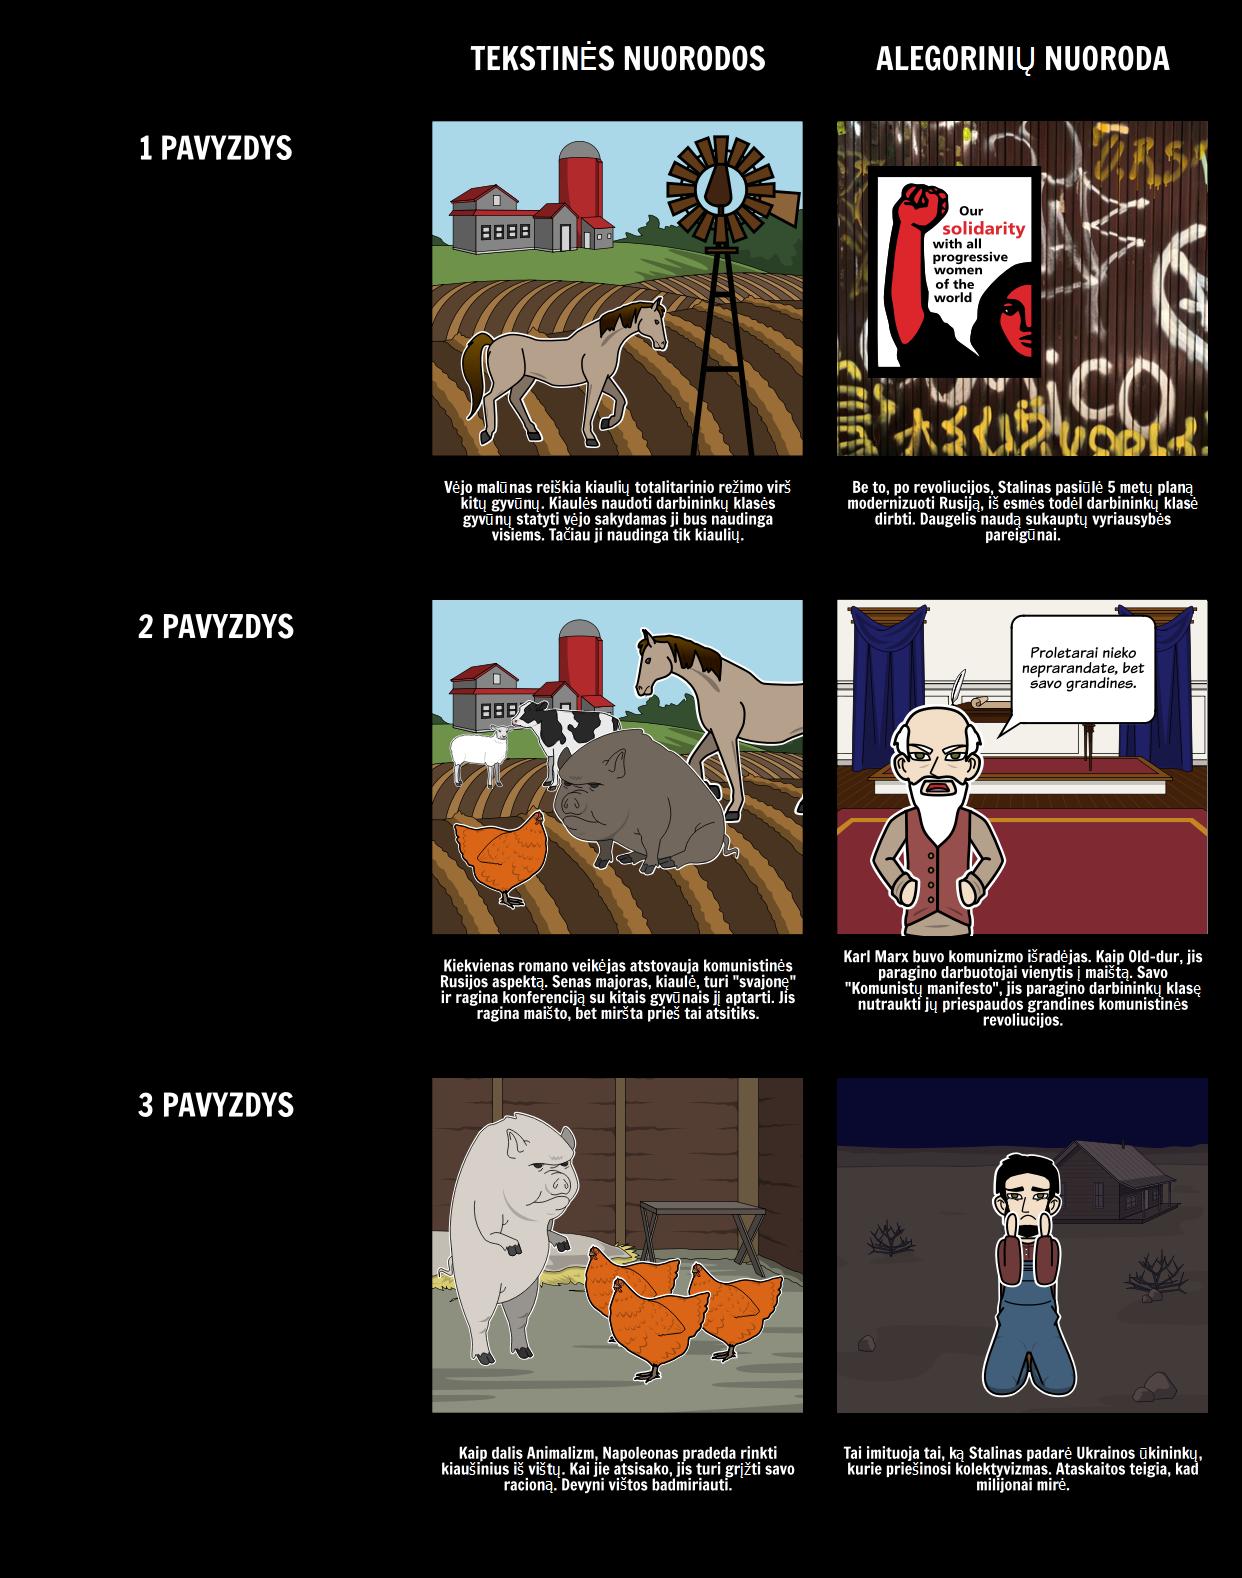 Animal Farm Alegorija